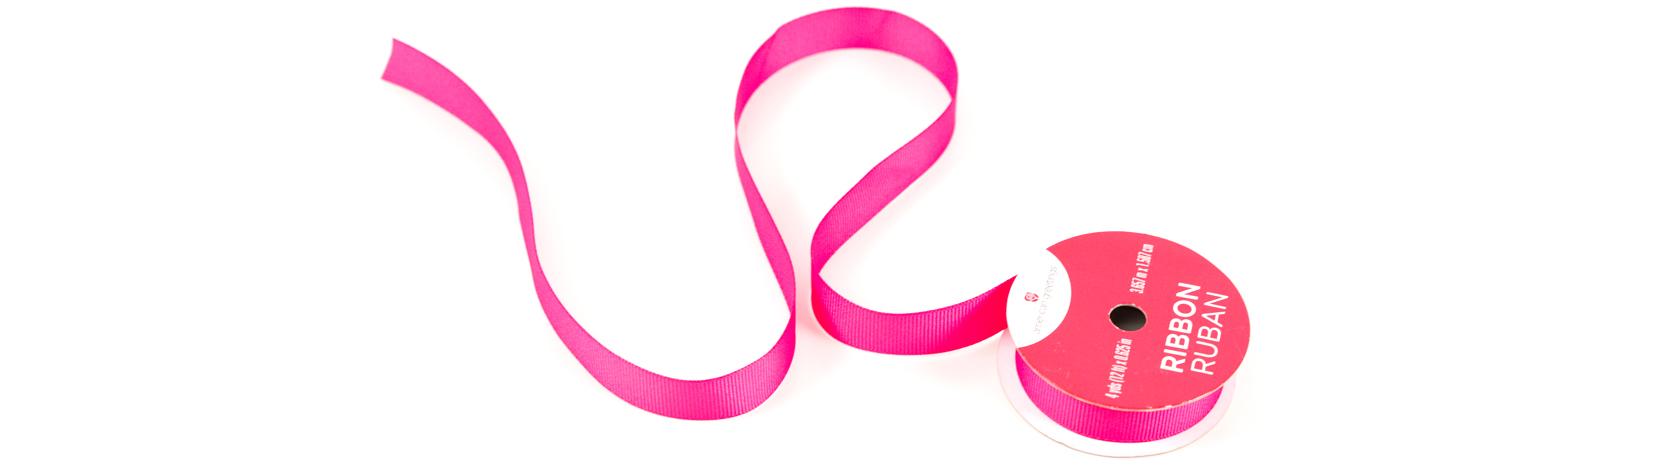 Bright pink ribbon